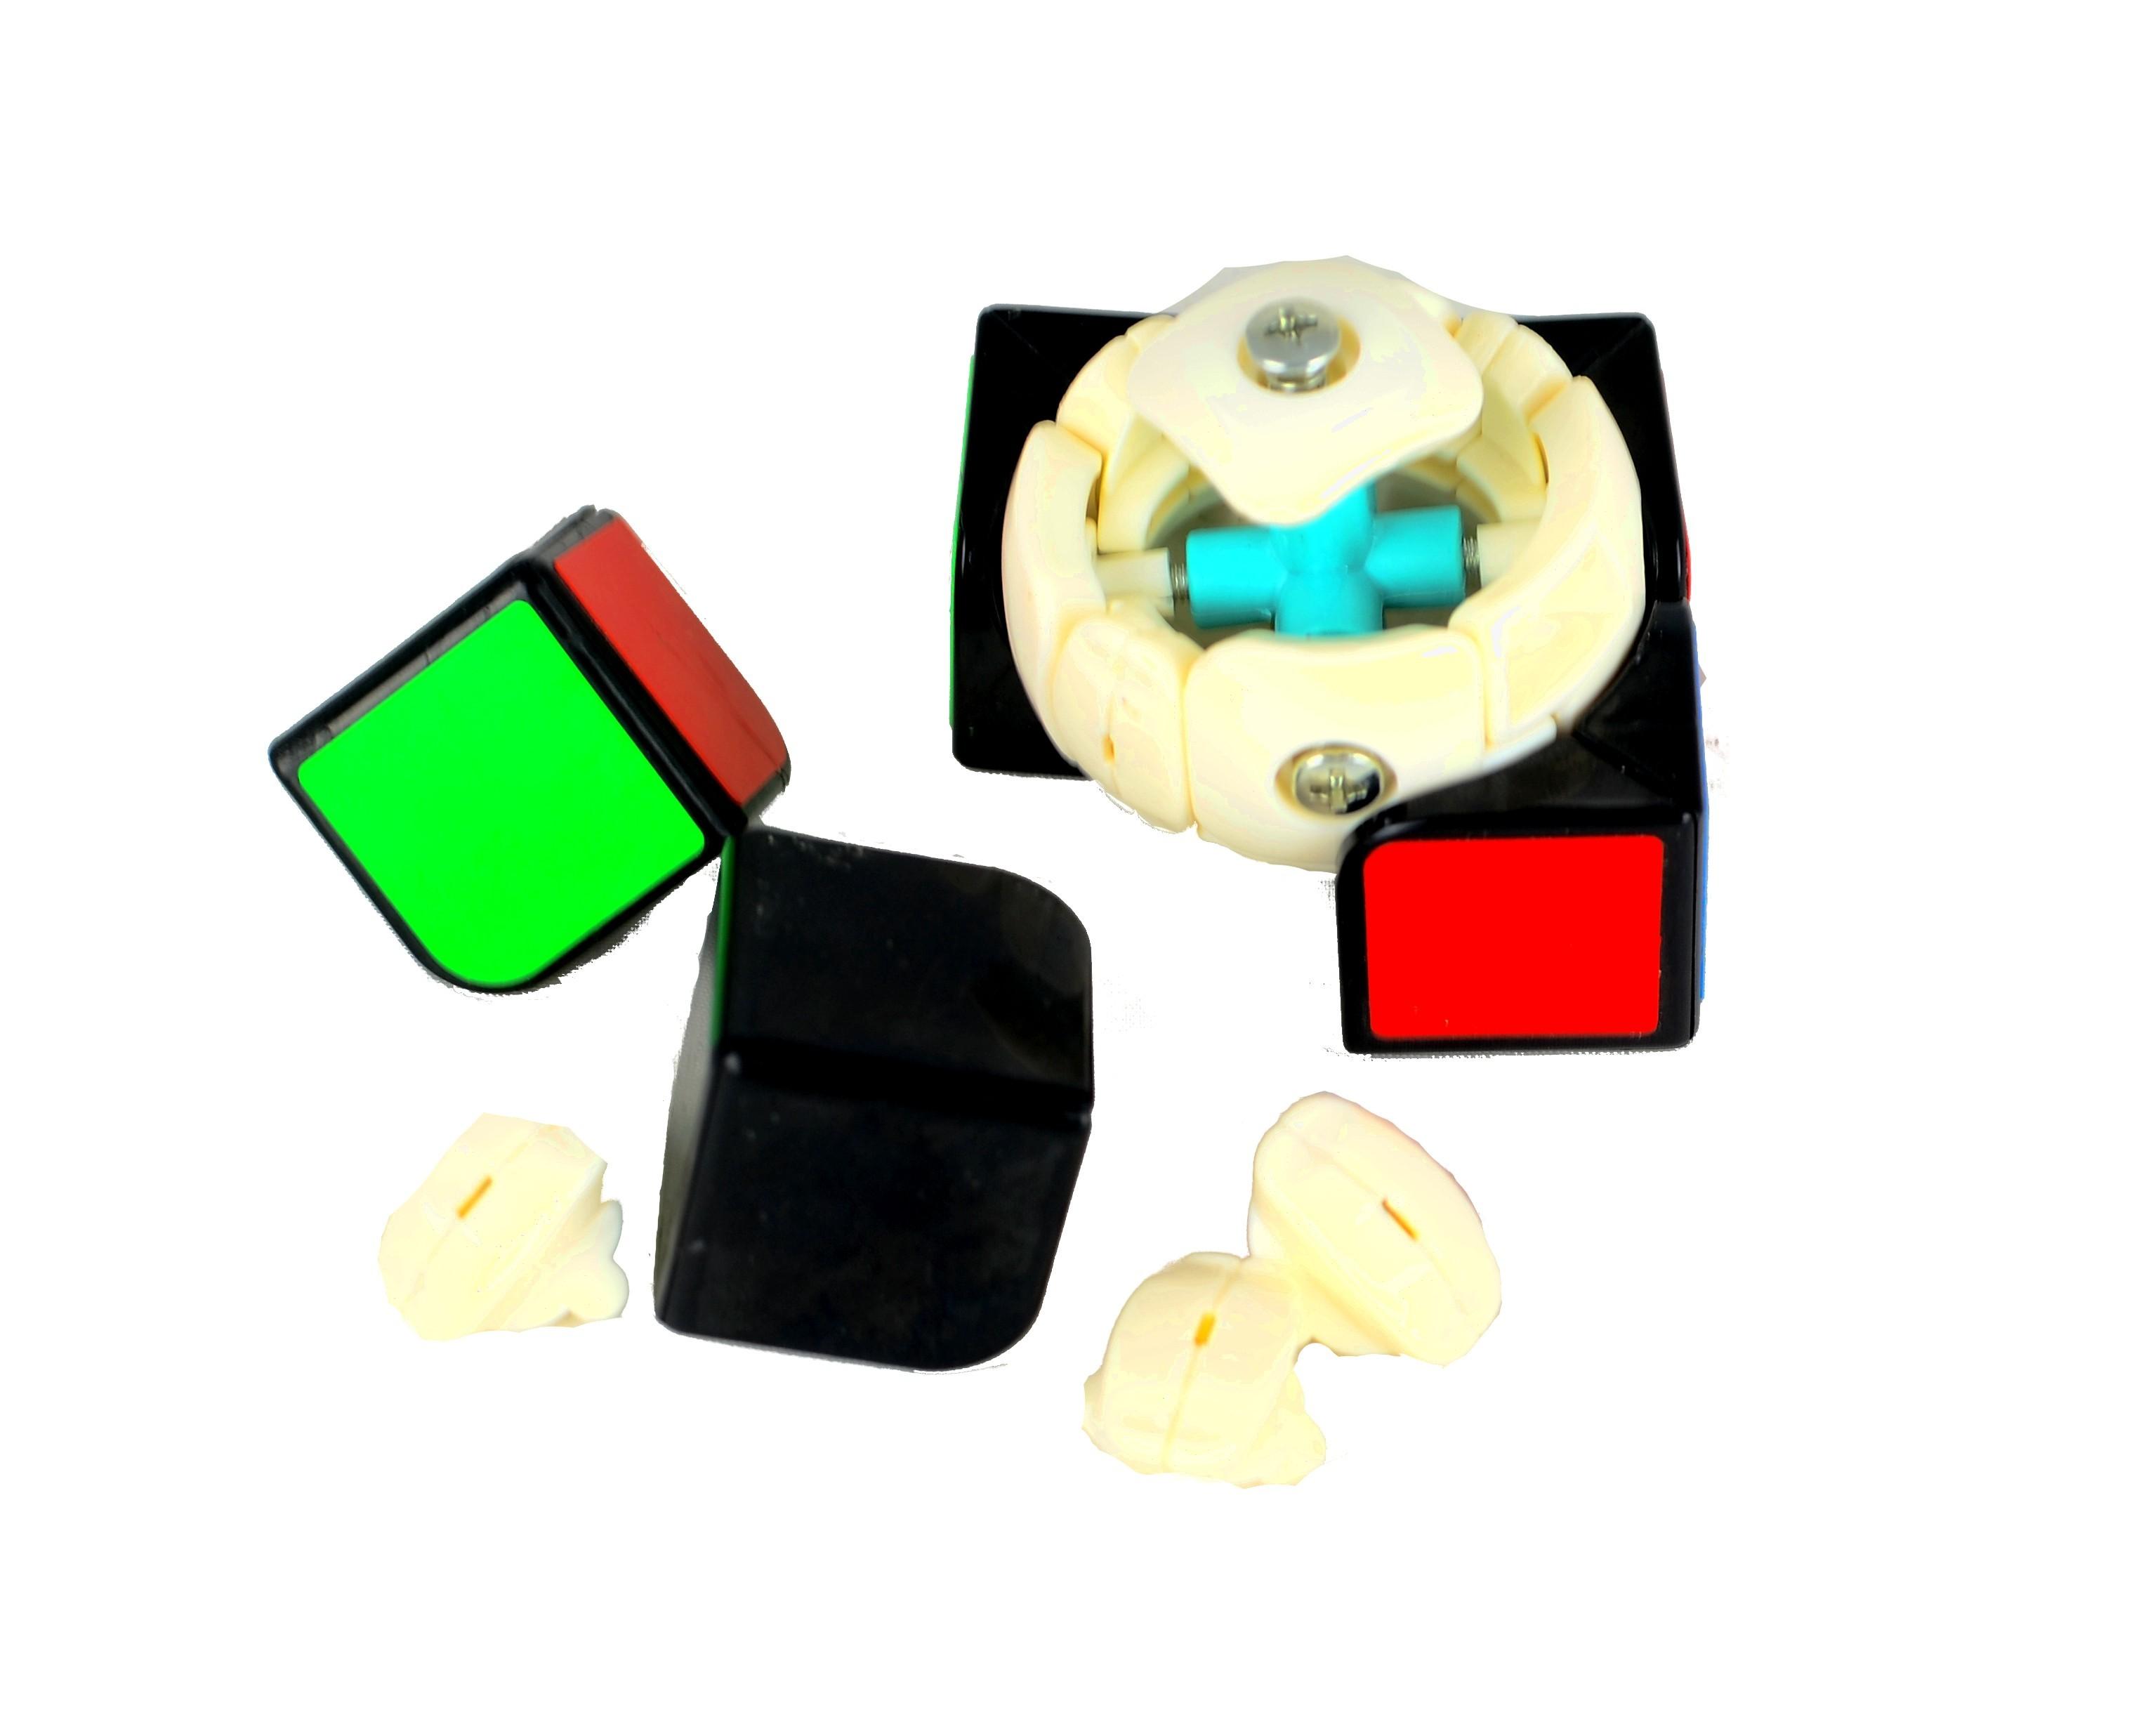 Piezas de repuesto para cubos de rubik 2x2 for Piezas de repuesto